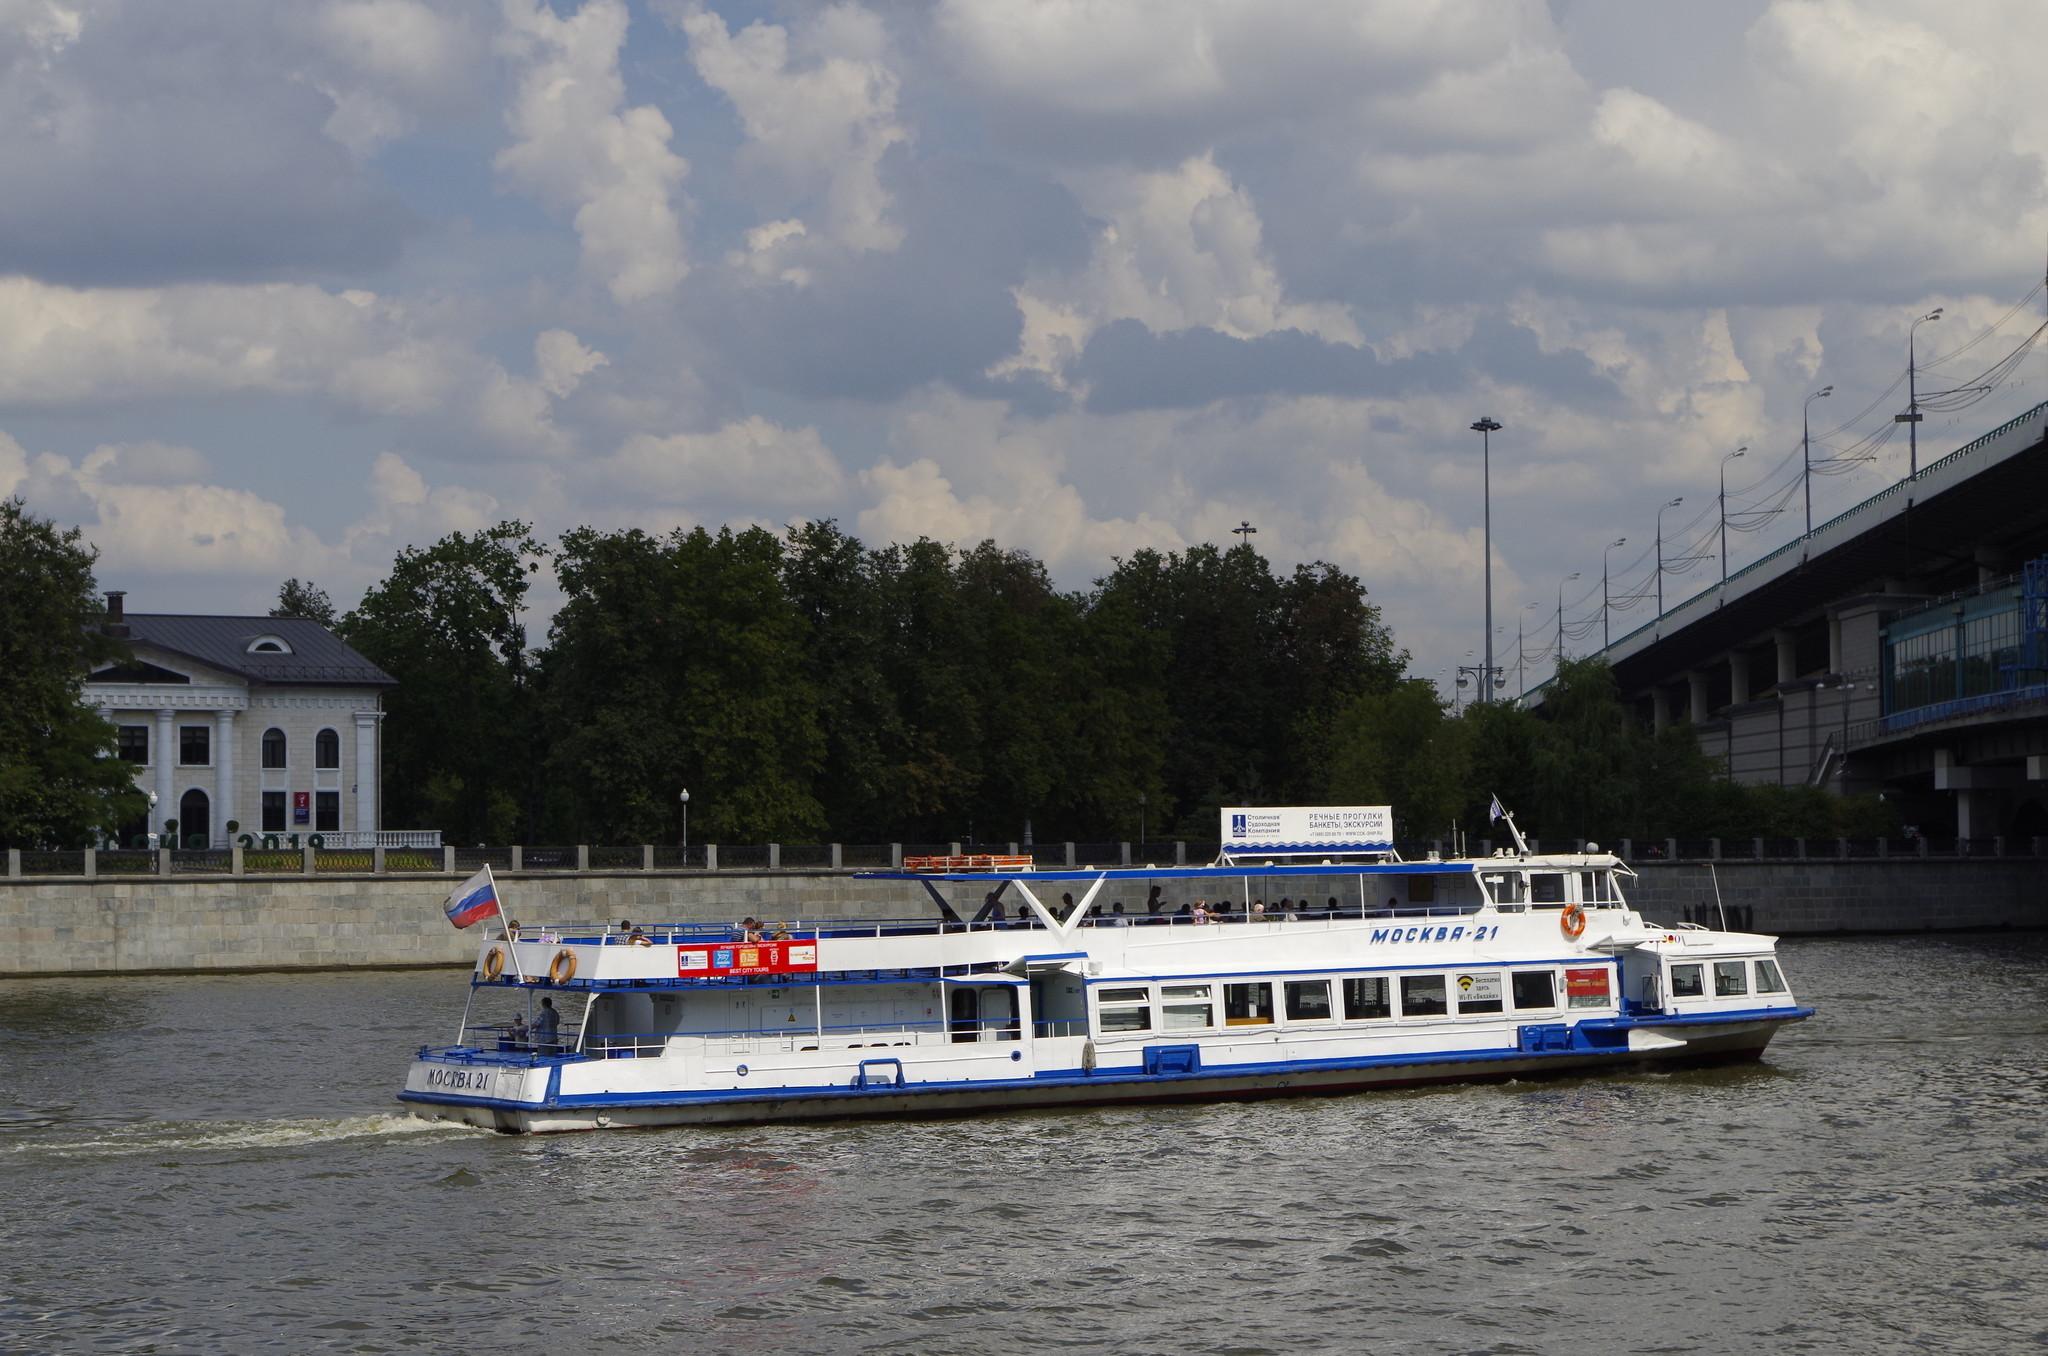 Пассажирский прогулочный теплоход «Москва-21»